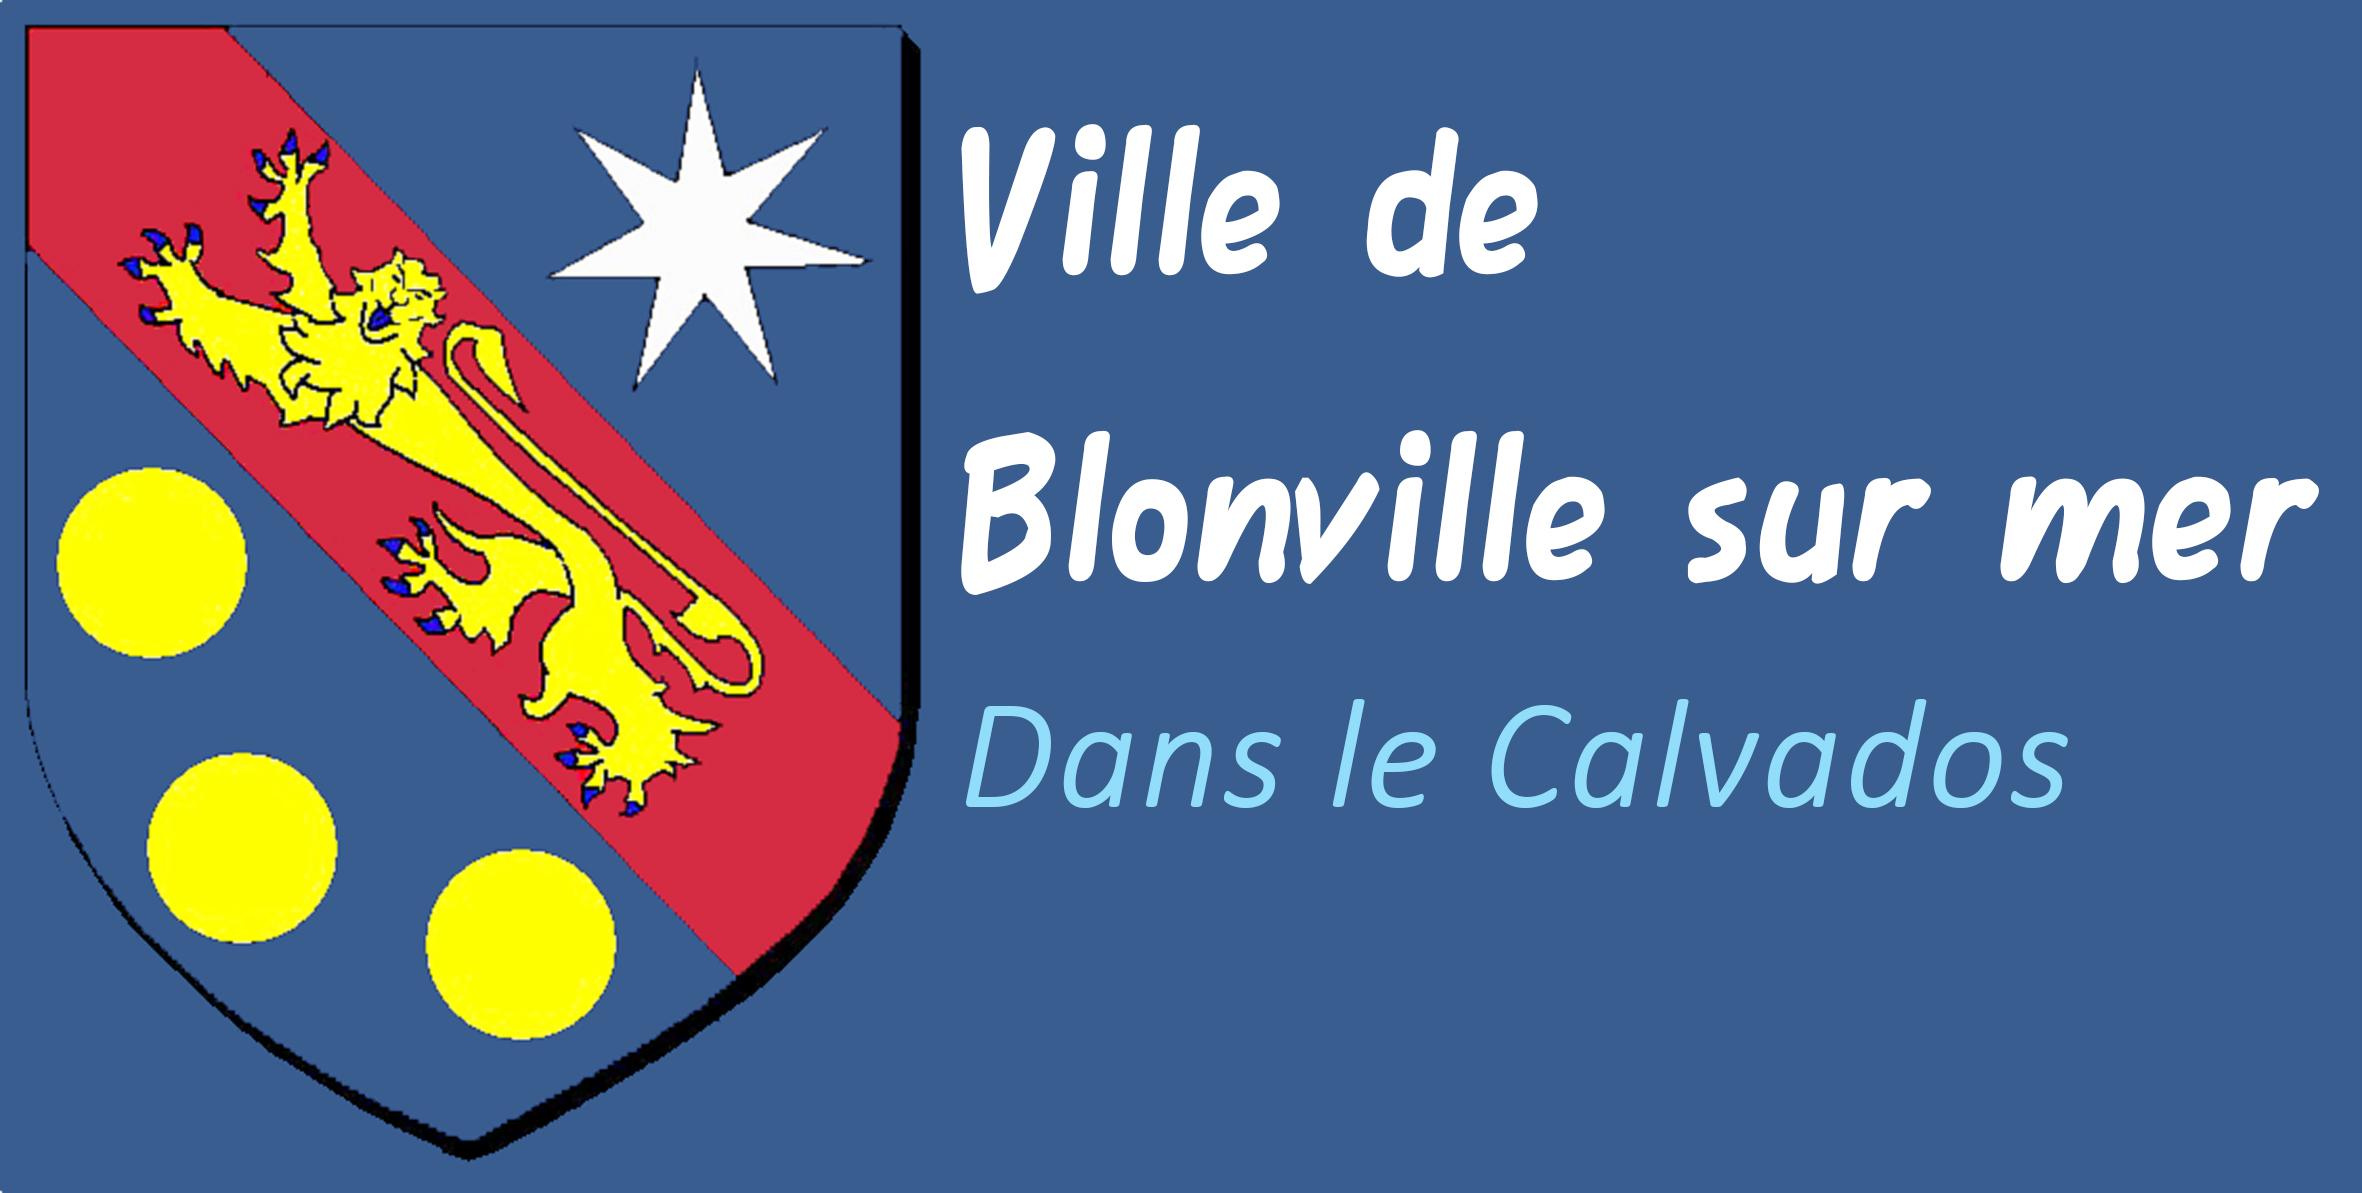 blonville